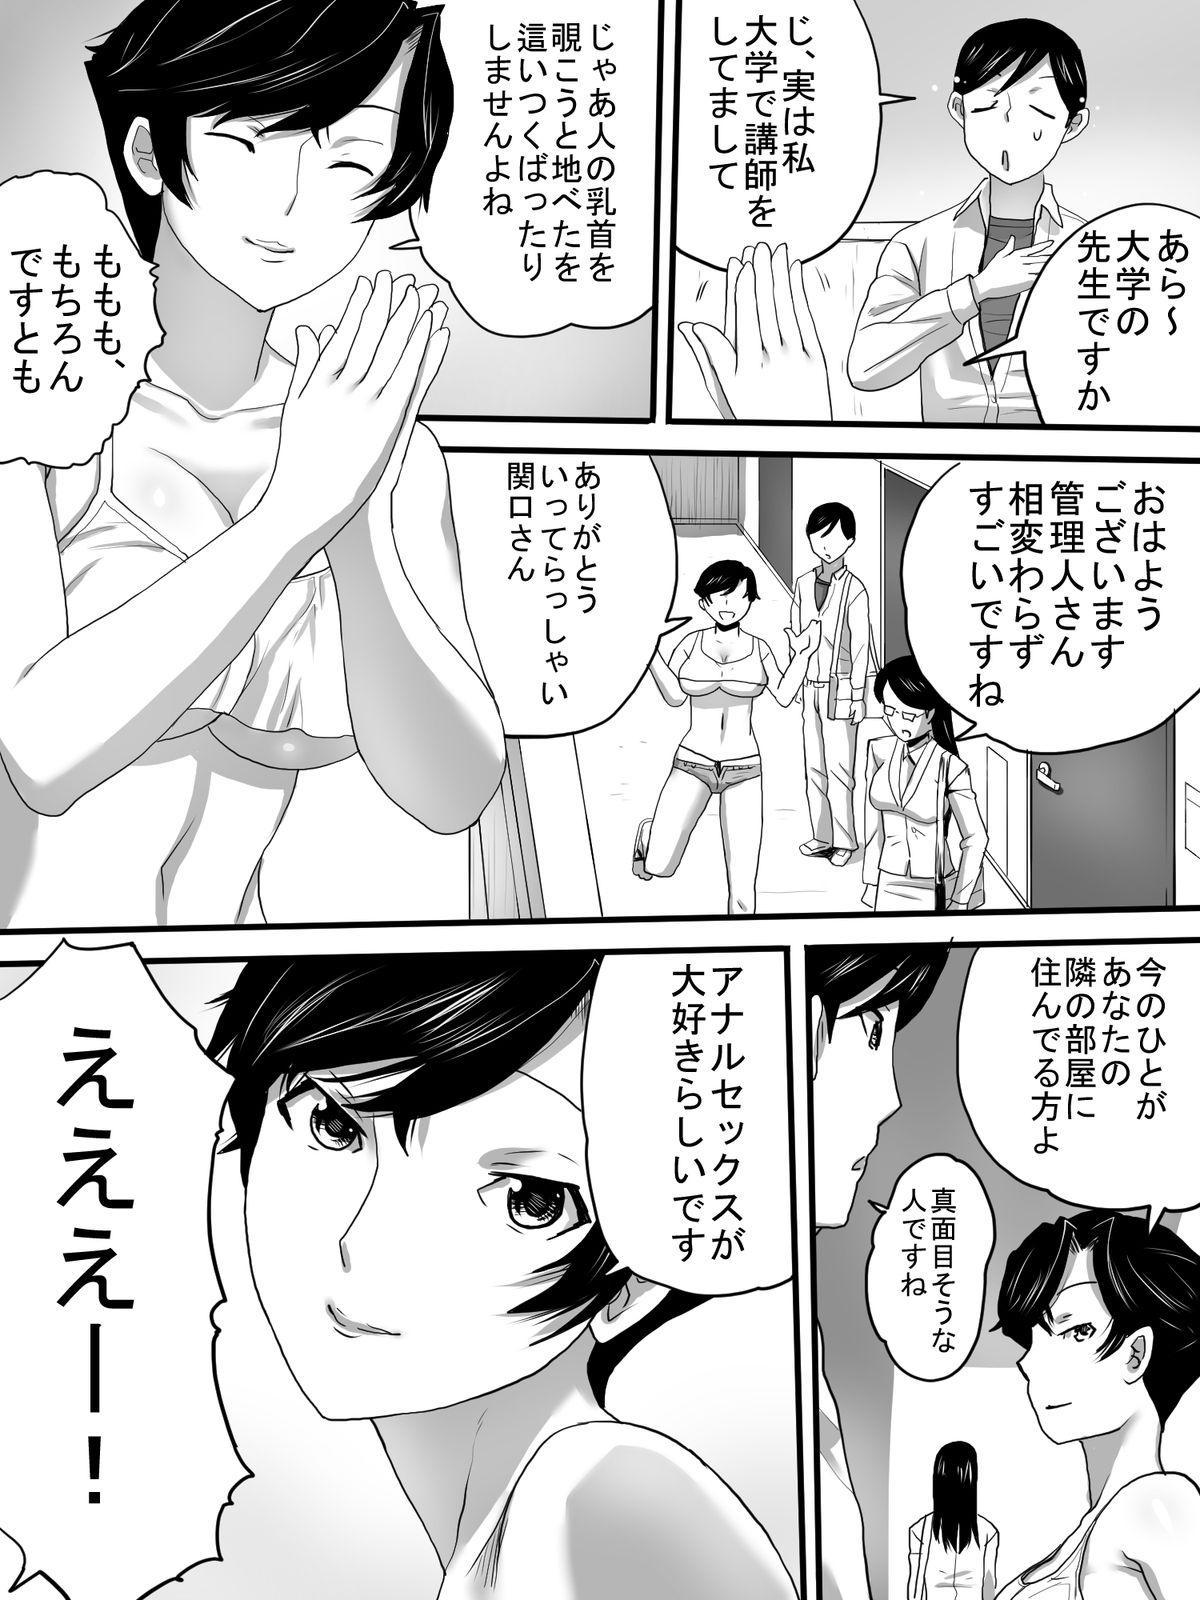 Kanrinin-san wa Bihin 9